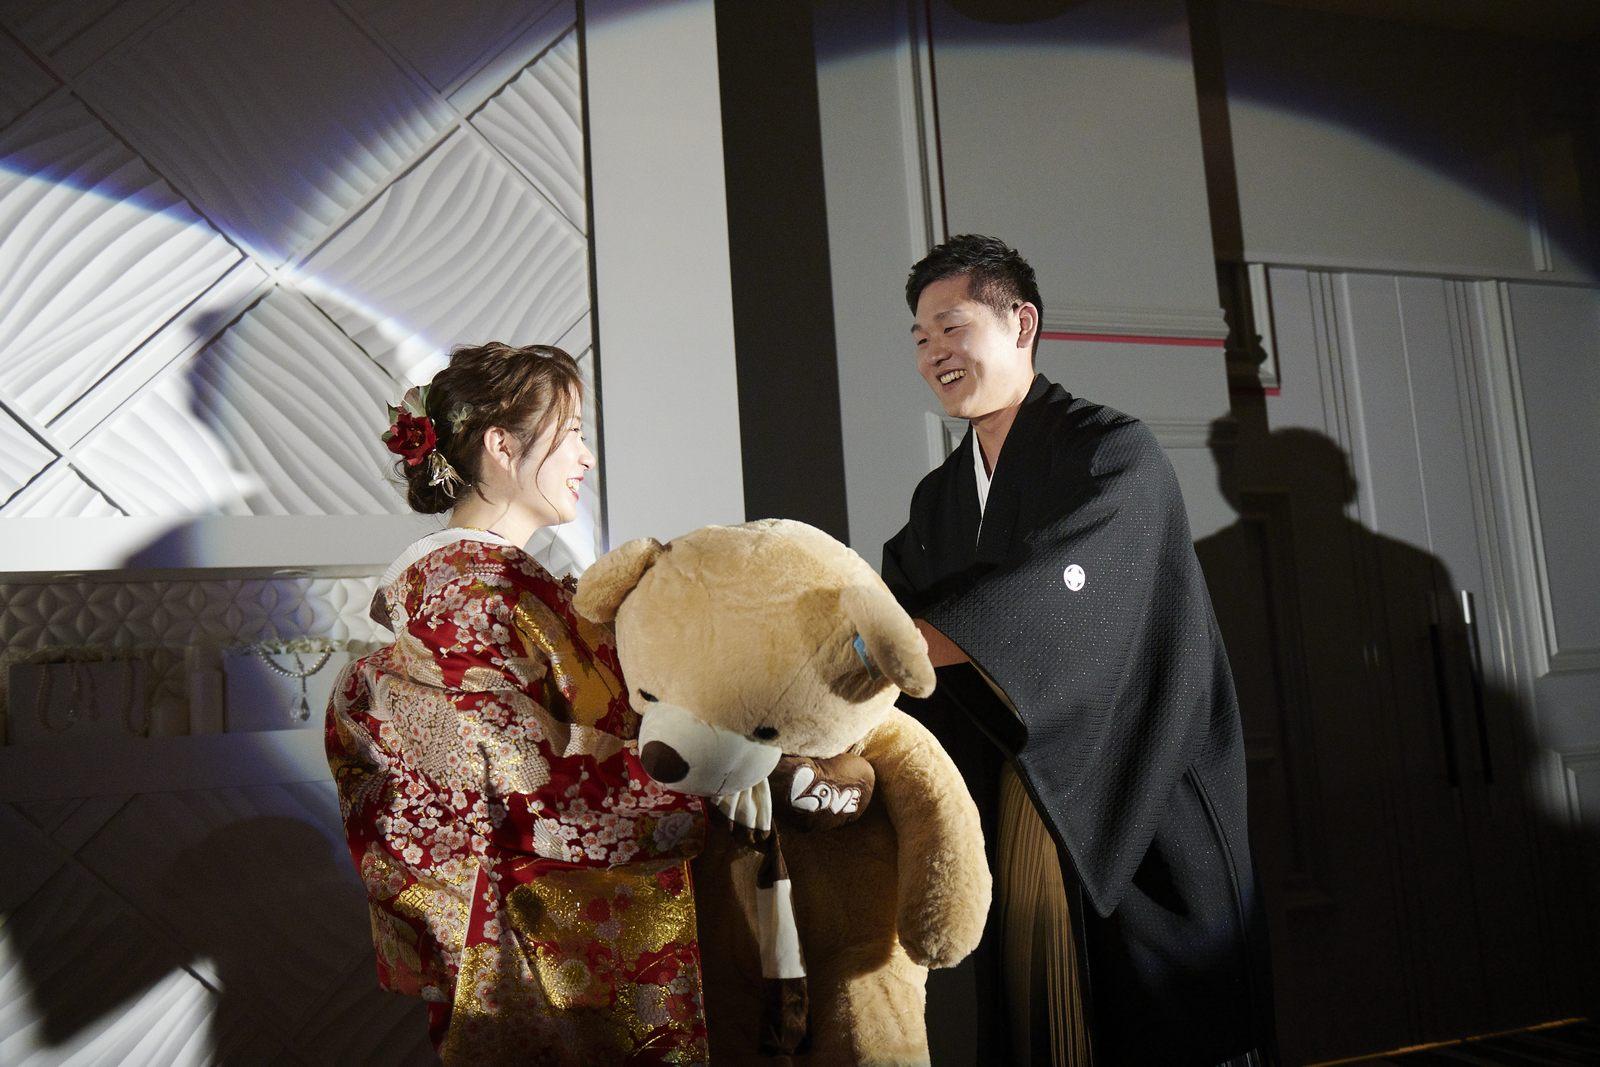 徳島市の結婚式場ブランアンジュで新郎様からサプライズでテディベアをプレゼントされる新婦様